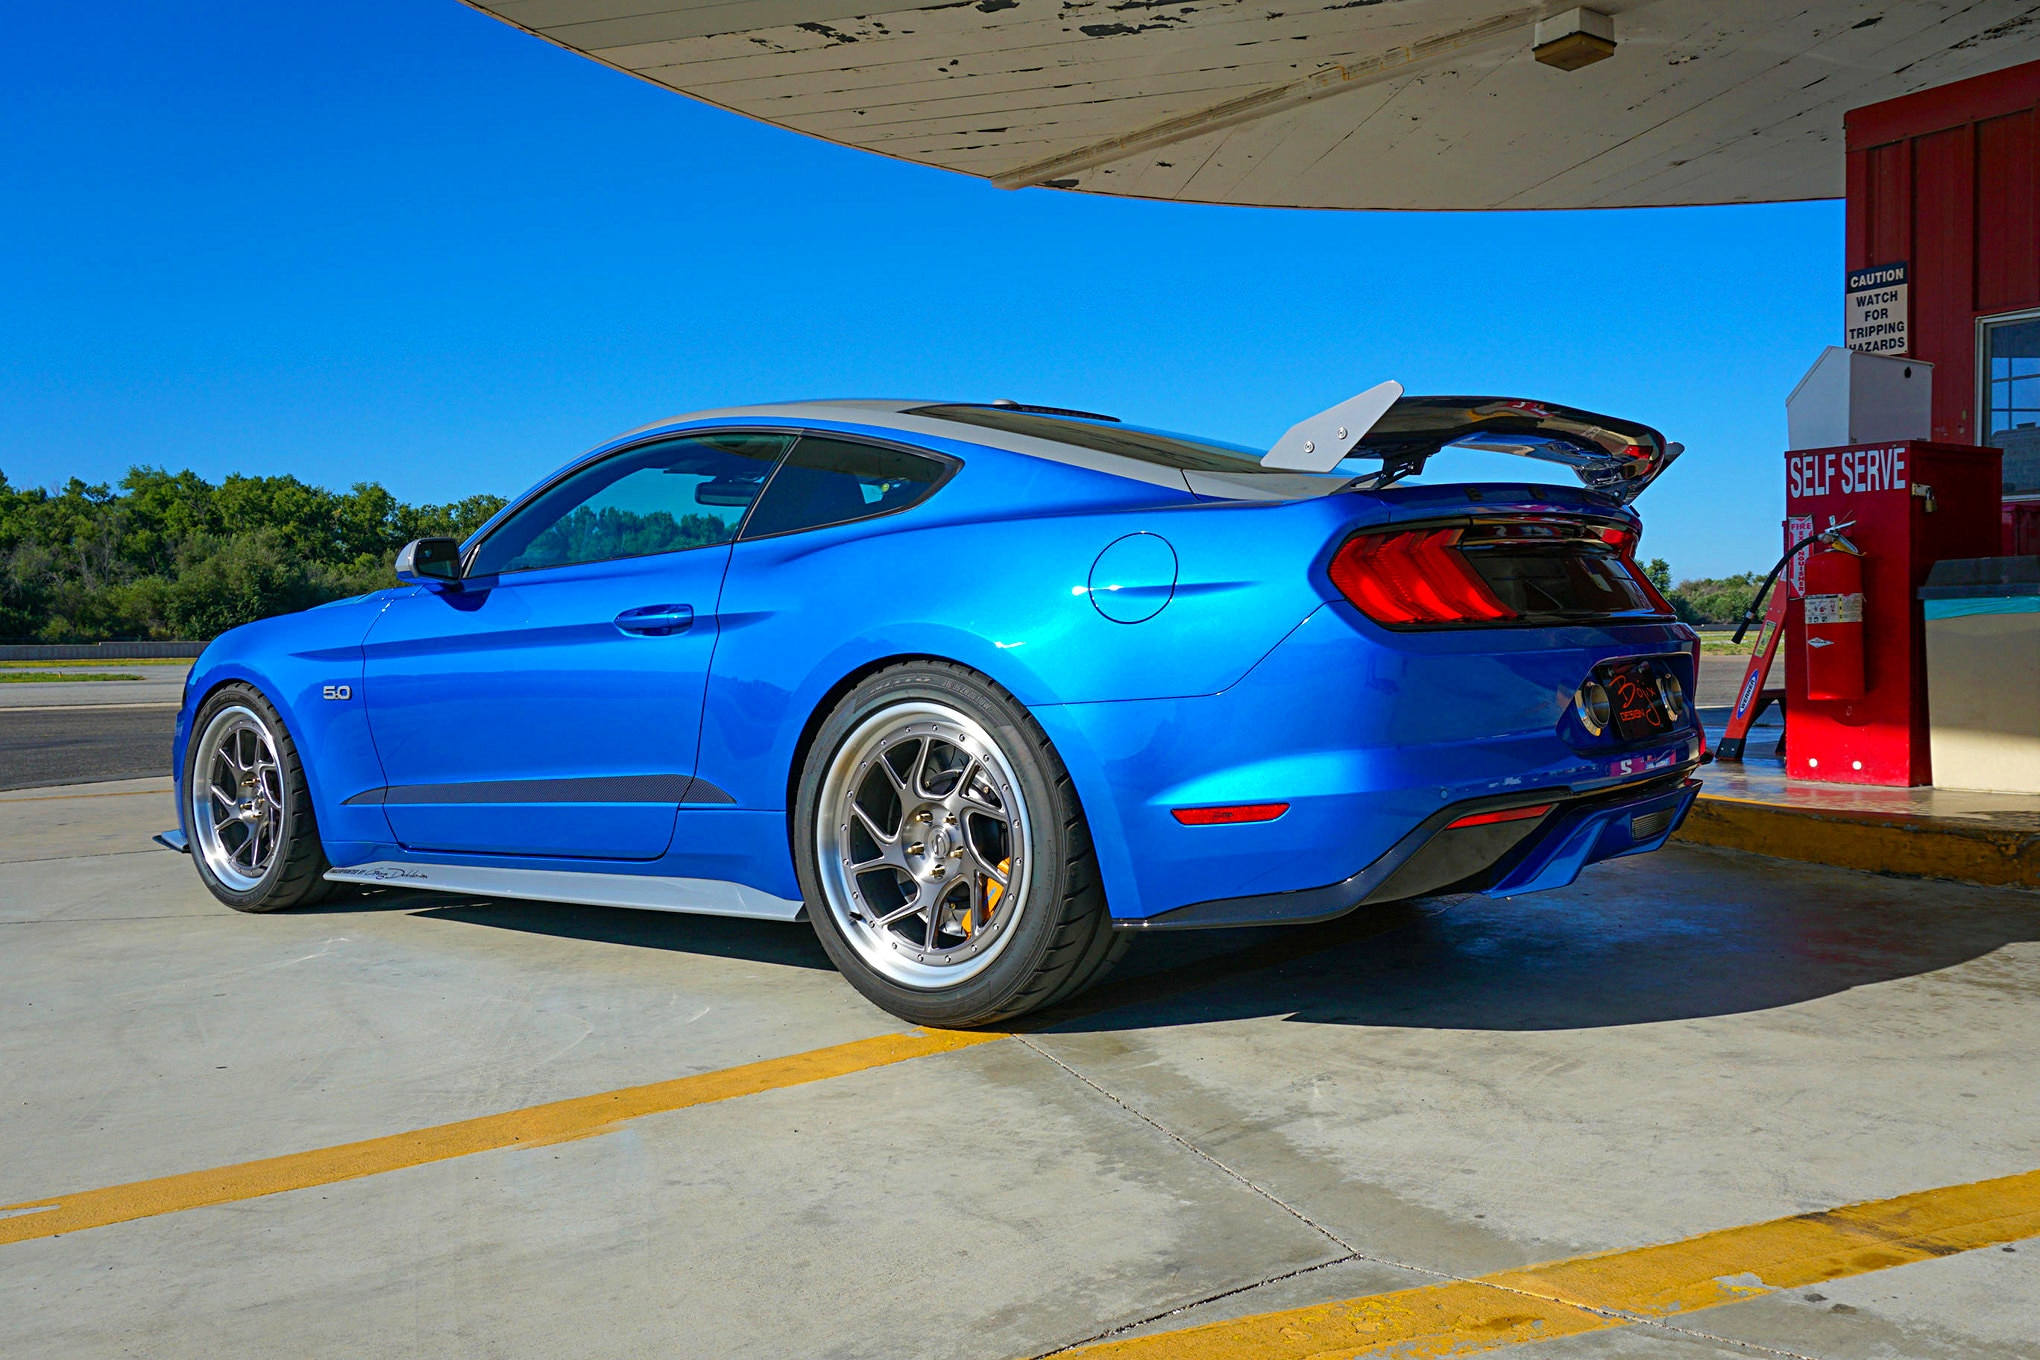 005 Muscle Mustang Bojix